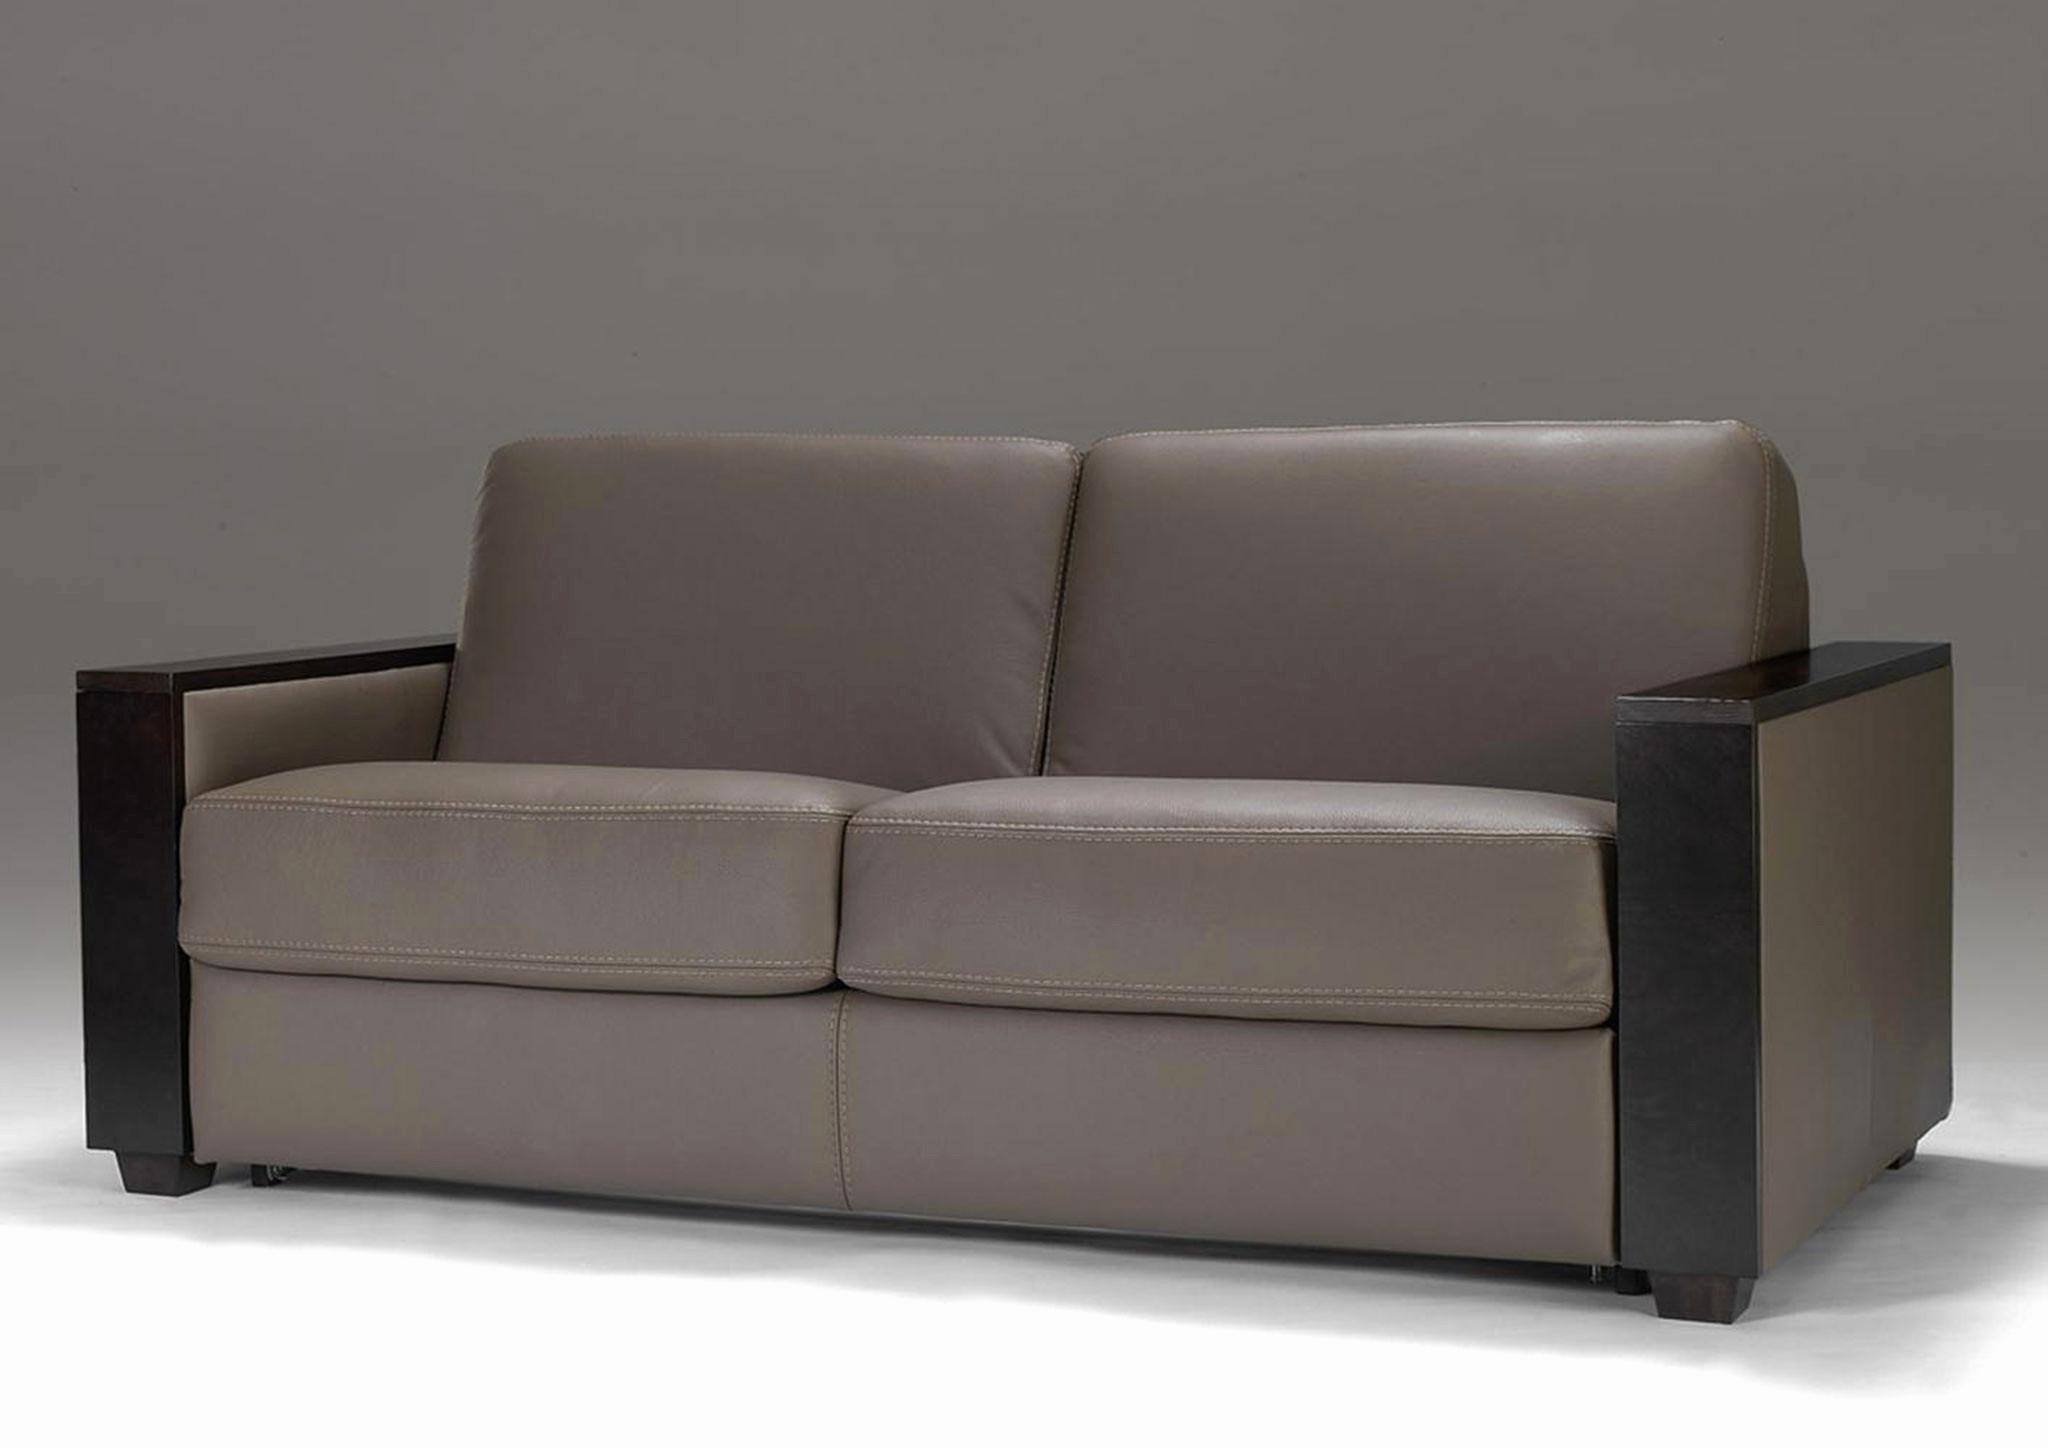 Canapé Rapido Ikea Luxe Images 32 Génial Image De Canapé Futon Convertible Intérieur De